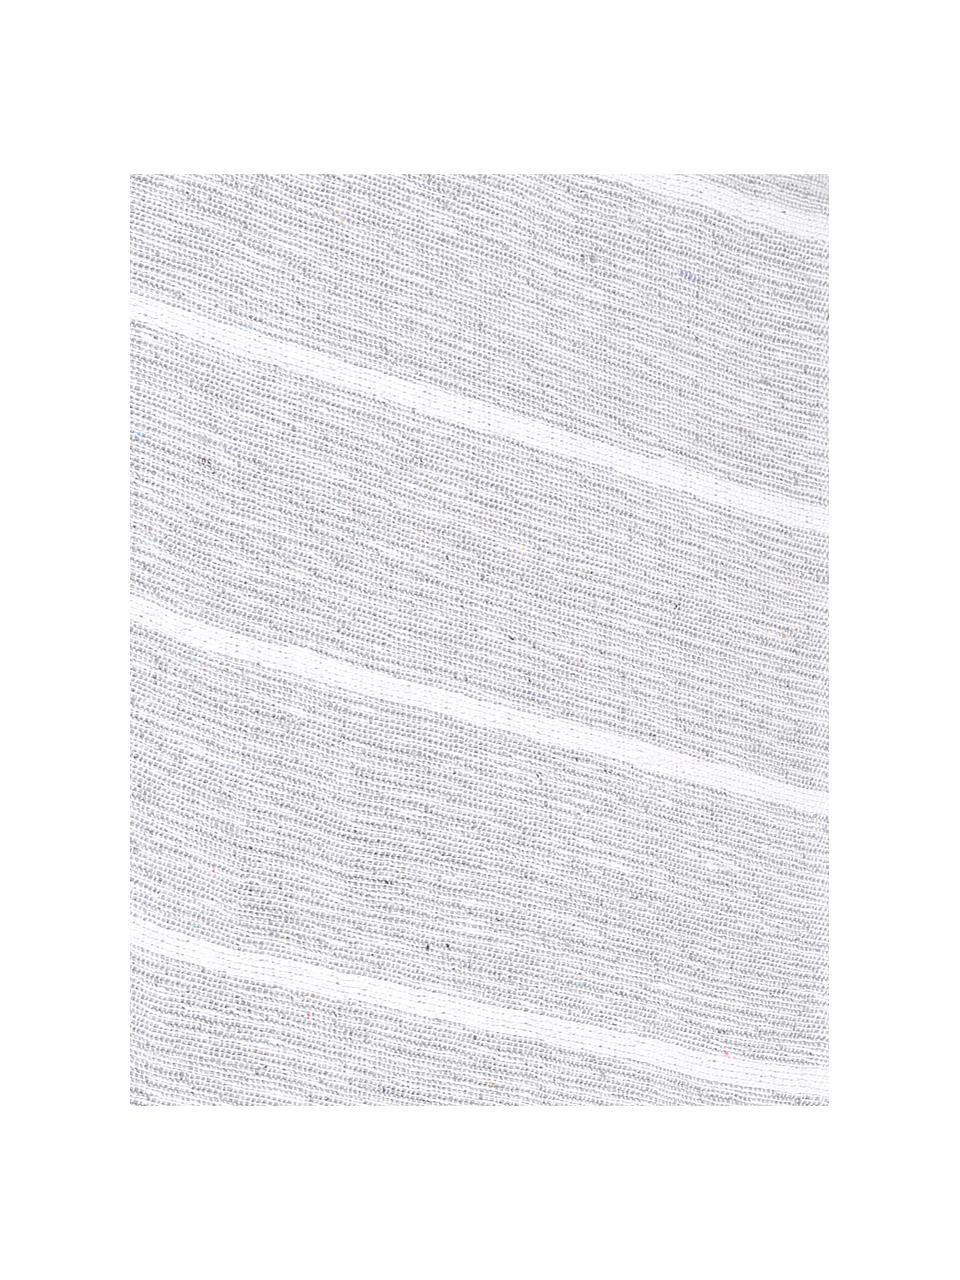 Narzuta Homely, 80% bawełna, 20% poliester, Szaroniebieski, biały, S 230 x D 250 cm (do łóżek od 160 x 200)